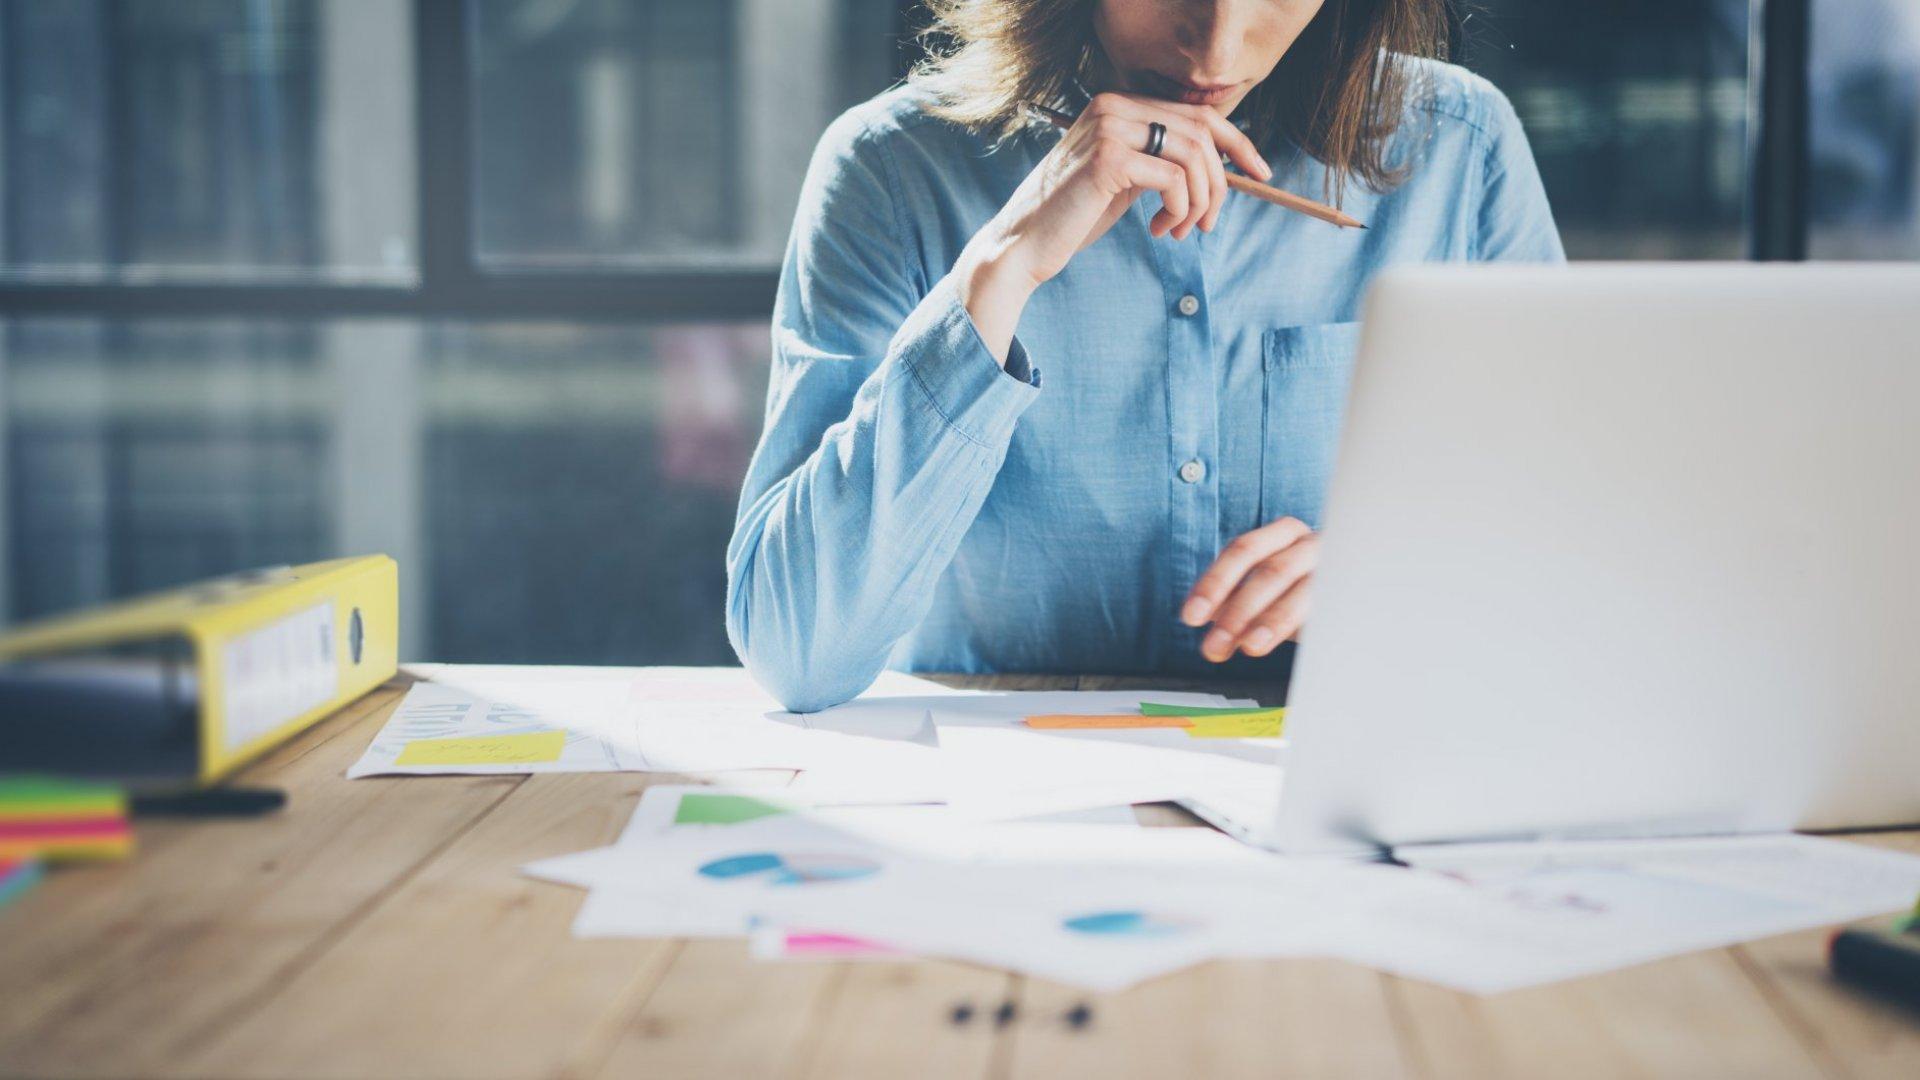 【商业计划书团队】小型企业在与代理机构合作时应避免的主要错误